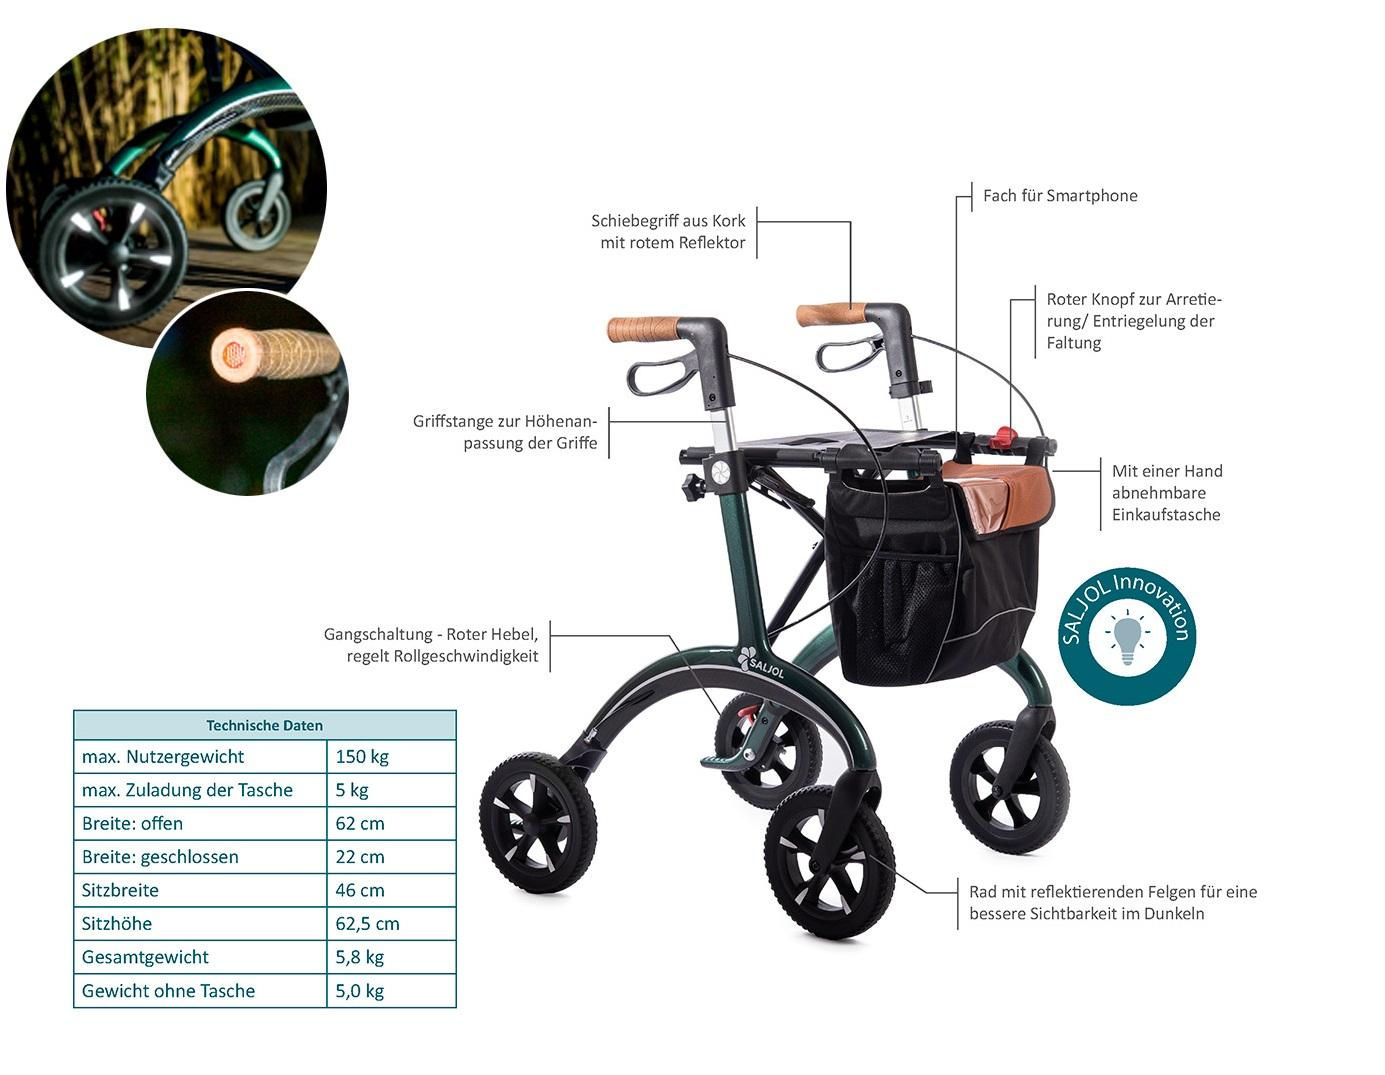 Technische-Daten-Carbon-RollatorgR4EeLhgFFXzb